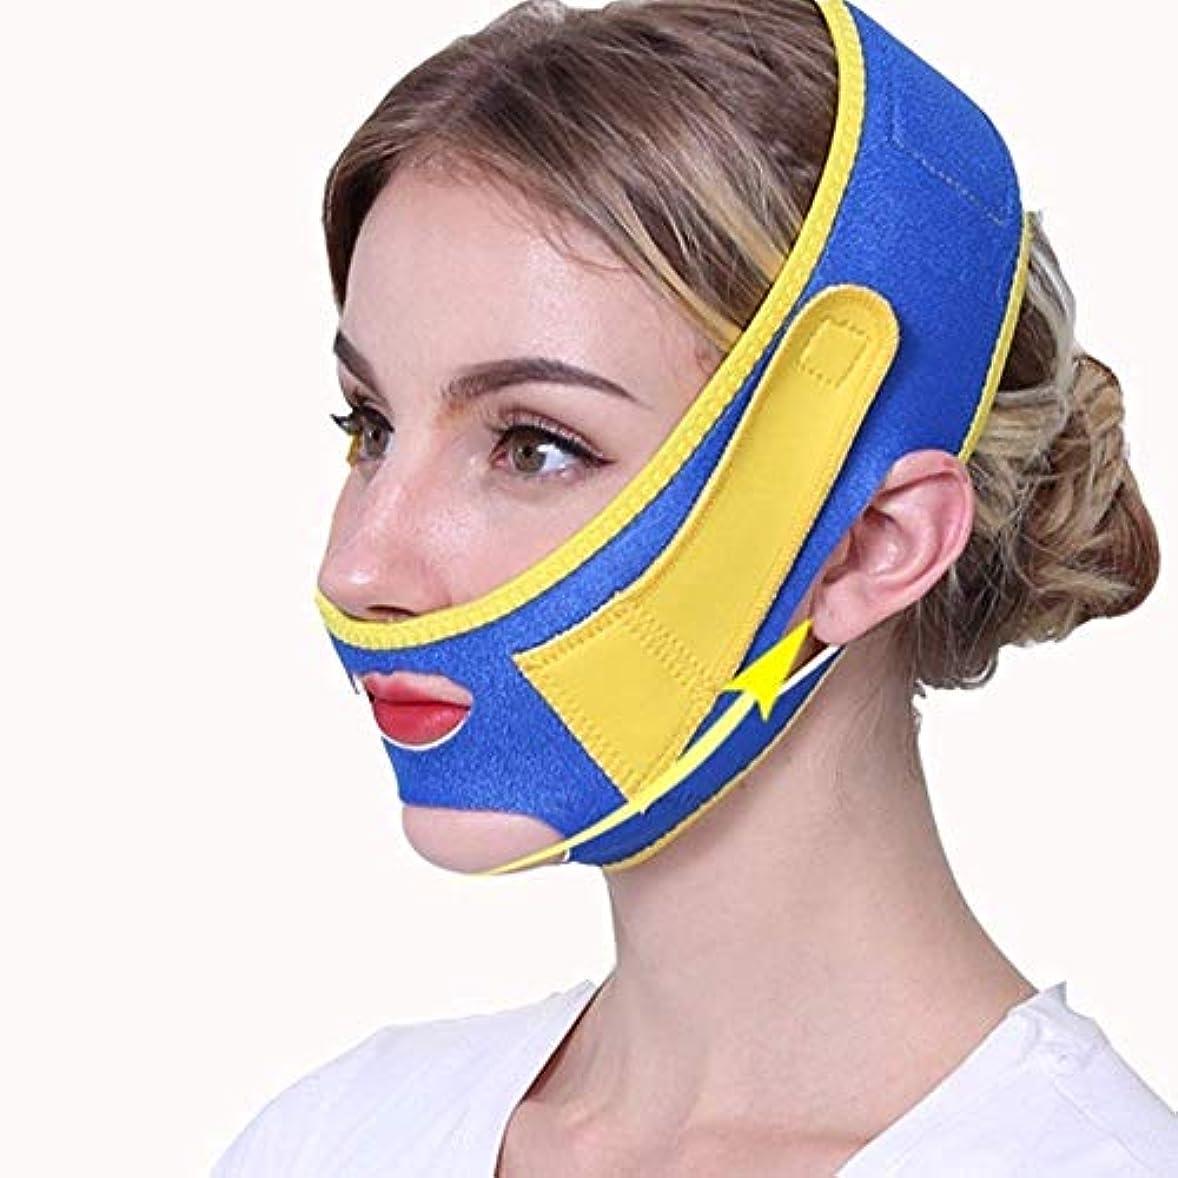 規則性険しい折るWSJTT 女性のための顔のリフティングベルト、Vラインチンチークリフトアップバンドアンチリンクル包帯、スリミング包帯二重あごケア減量Vフェイスベルト補正ベルト調節可能ファーミングフェイシャル?スキンケア